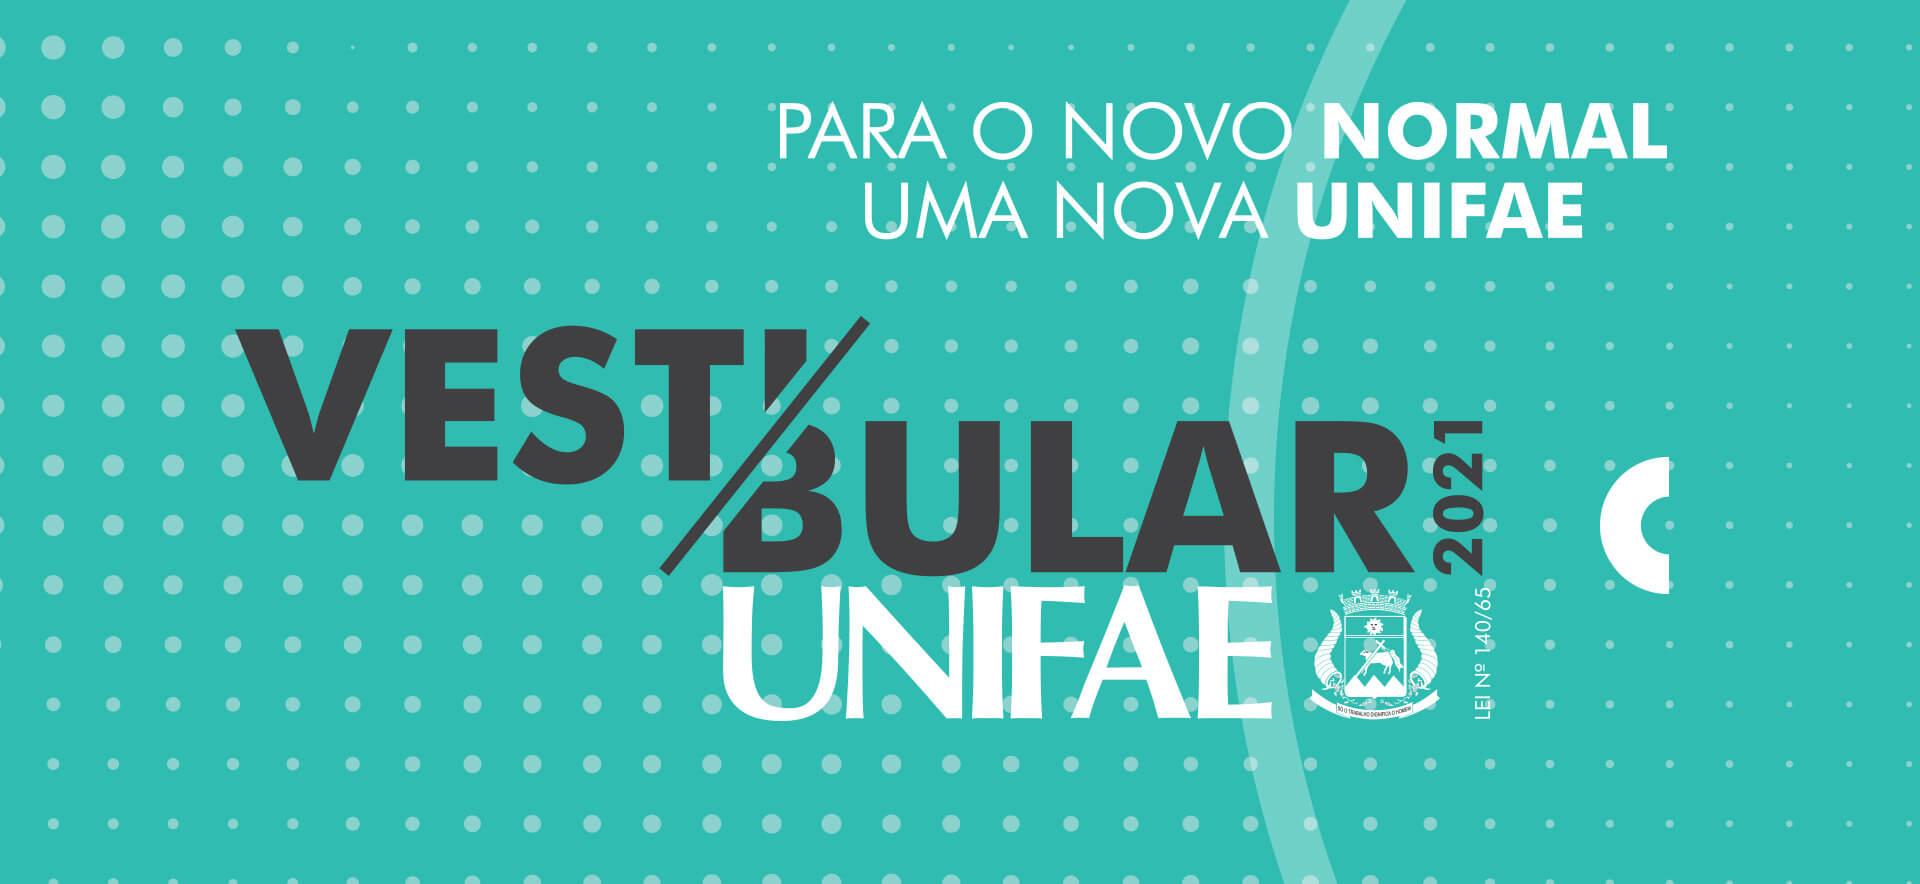 Vestibular UNIFAE 2021